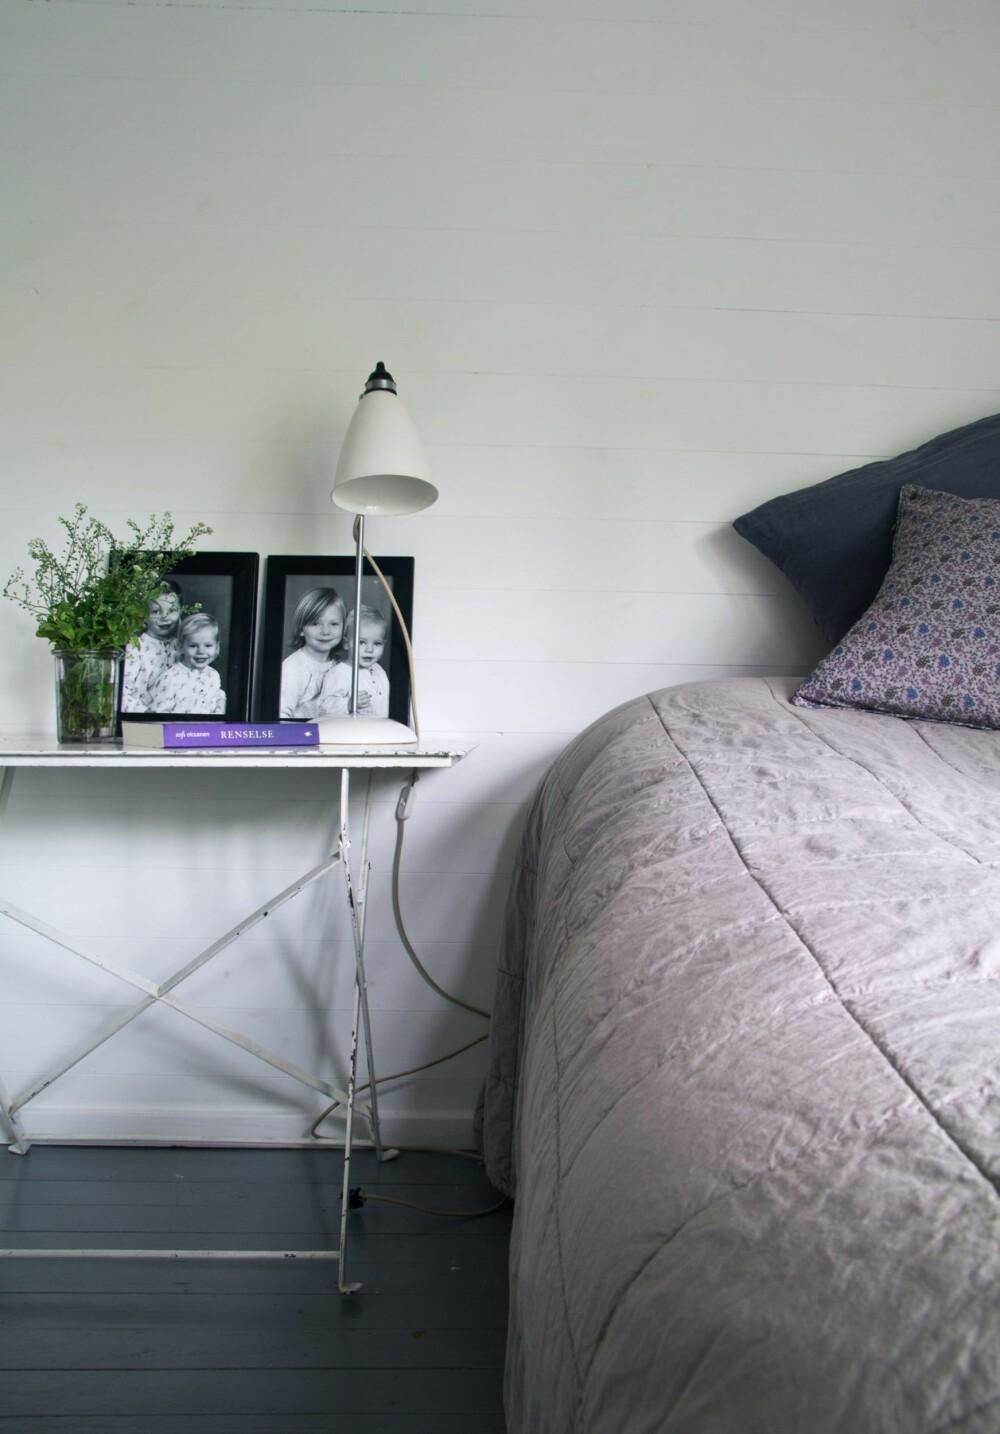 FEMININ STEMNING: Karens soverom er husets minste, med kun plass til seng, bord og garderobeskap. Sengeteppet er fra Tine K Home, nattbordslampen er fra Best Lite.